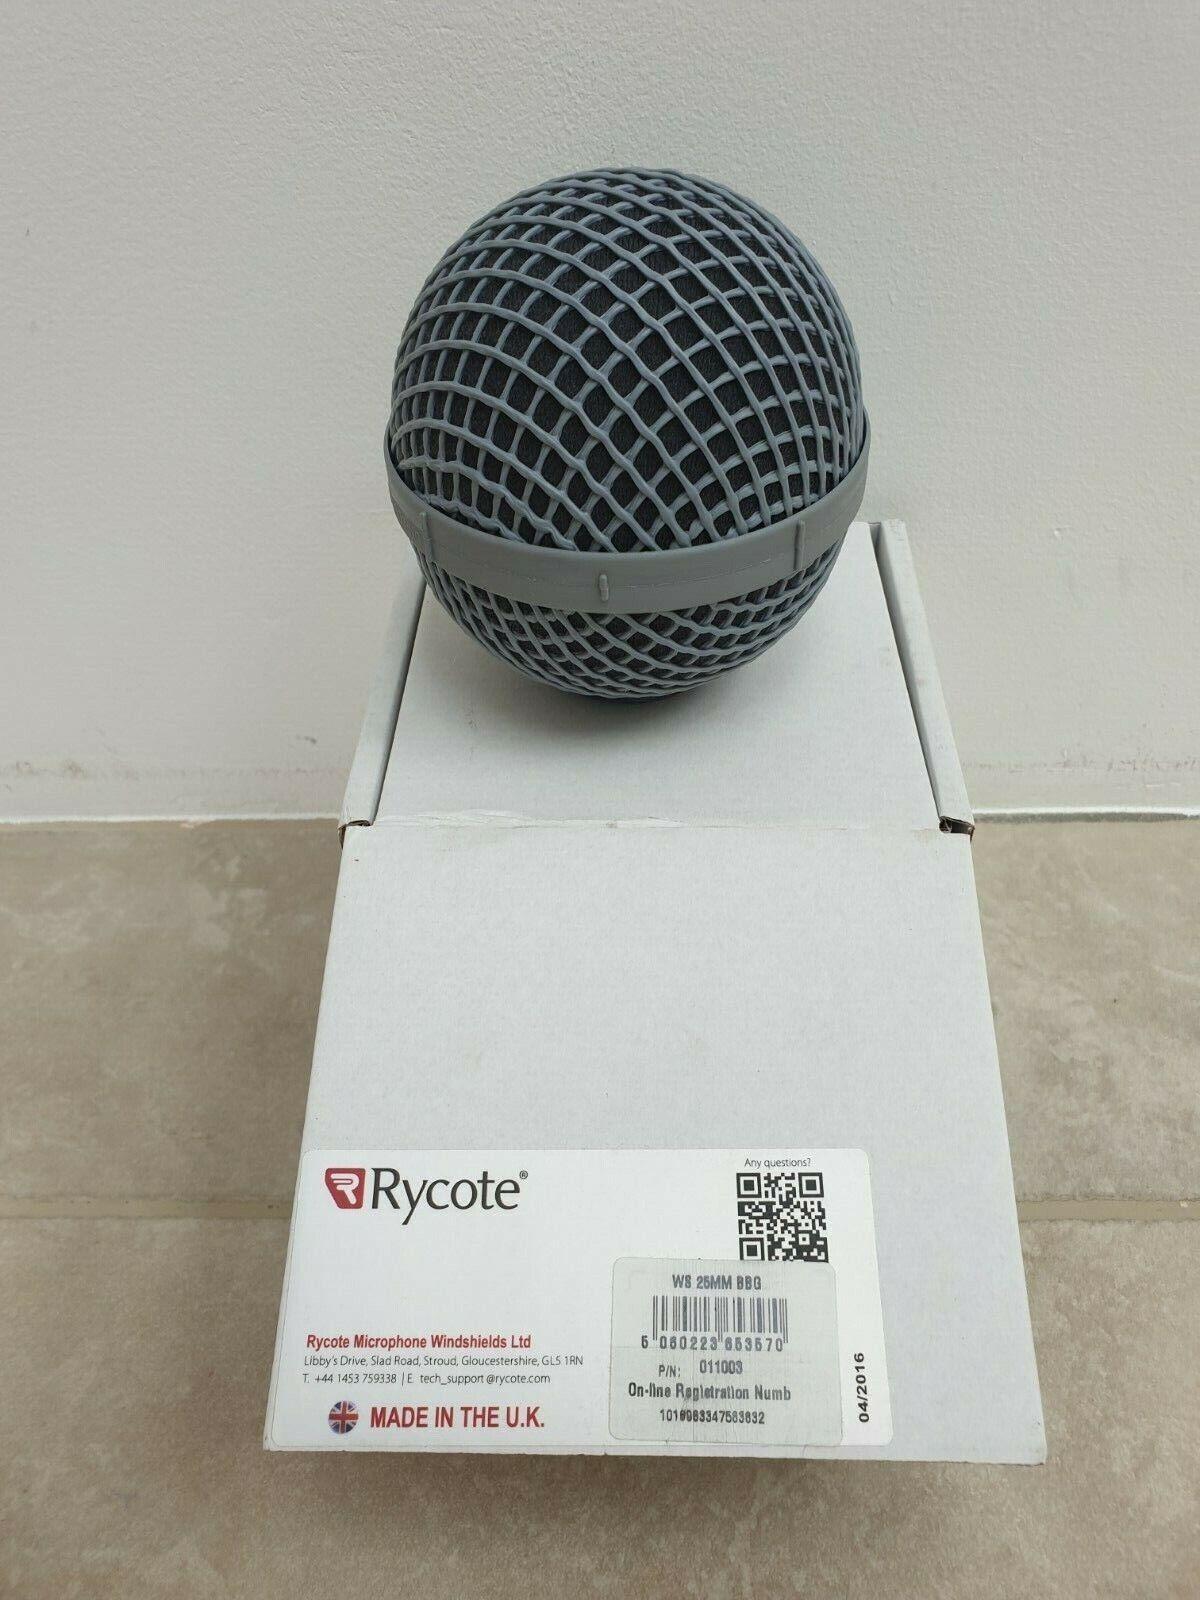 Rycote 25mm BBG Windshield sn  011003 Ball Type Brand NEW